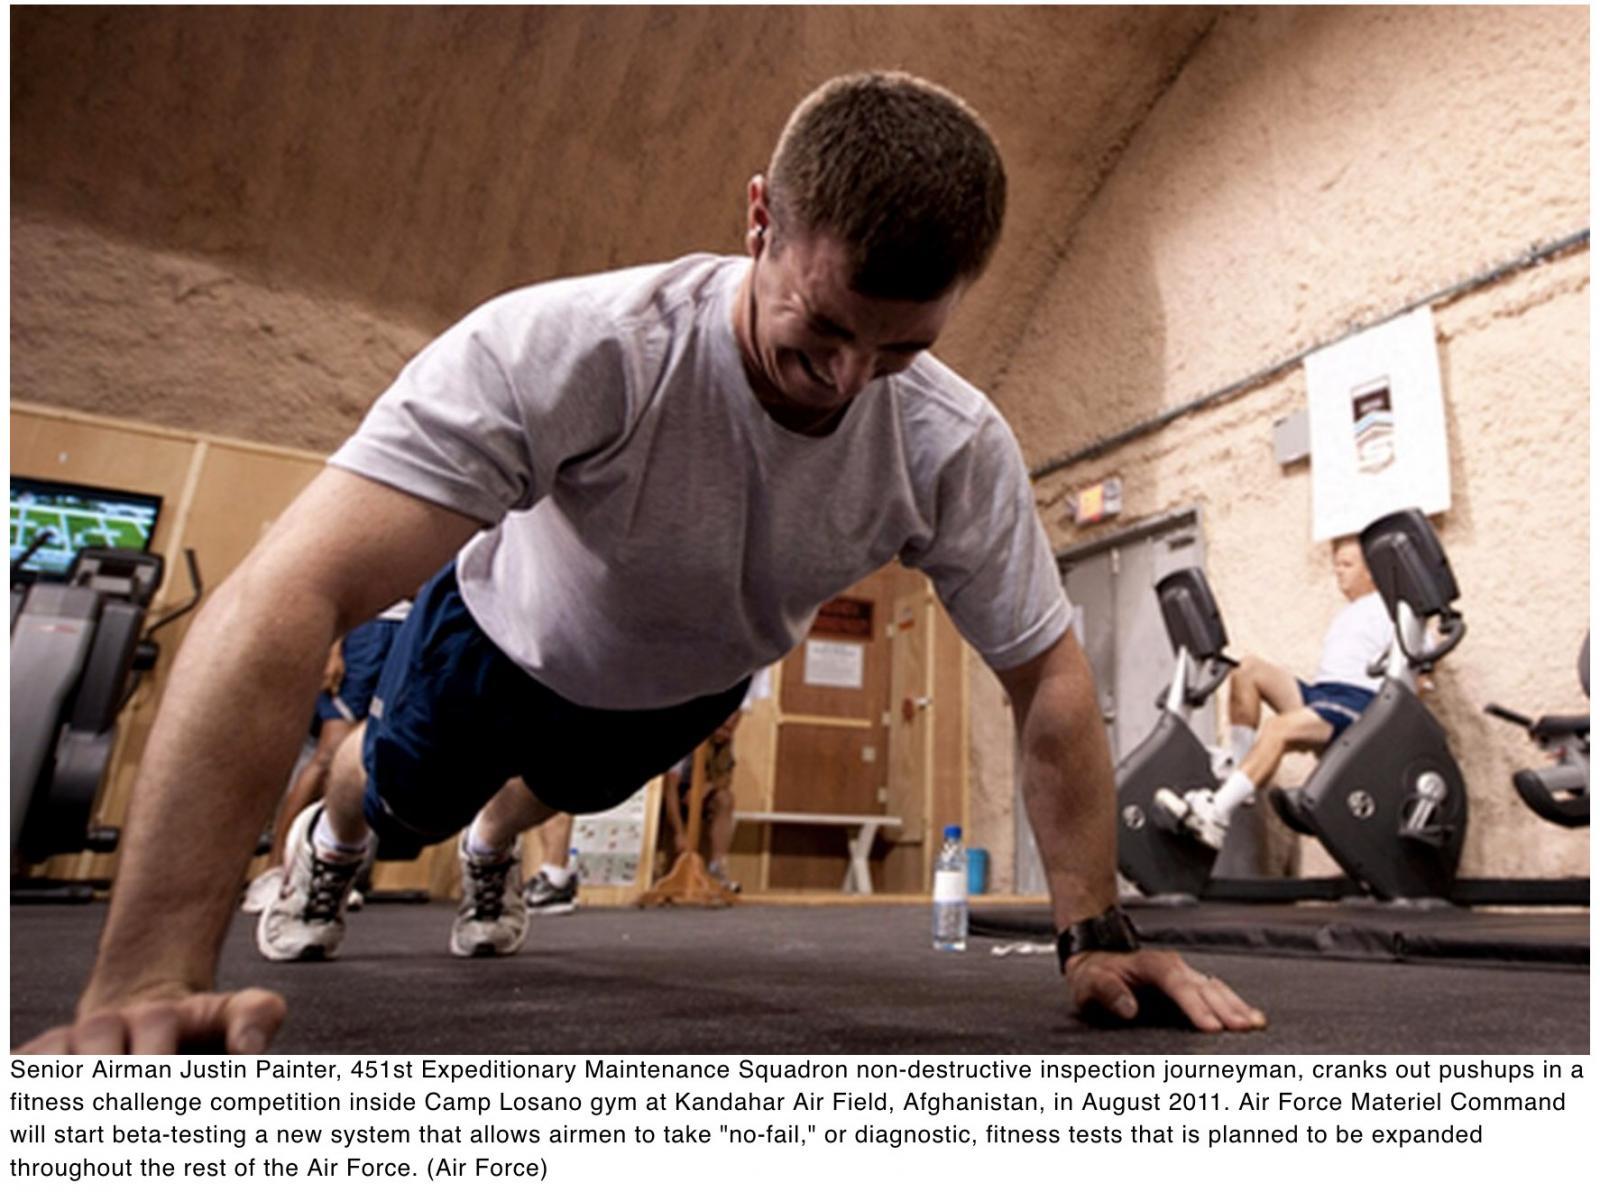 af fitness management system